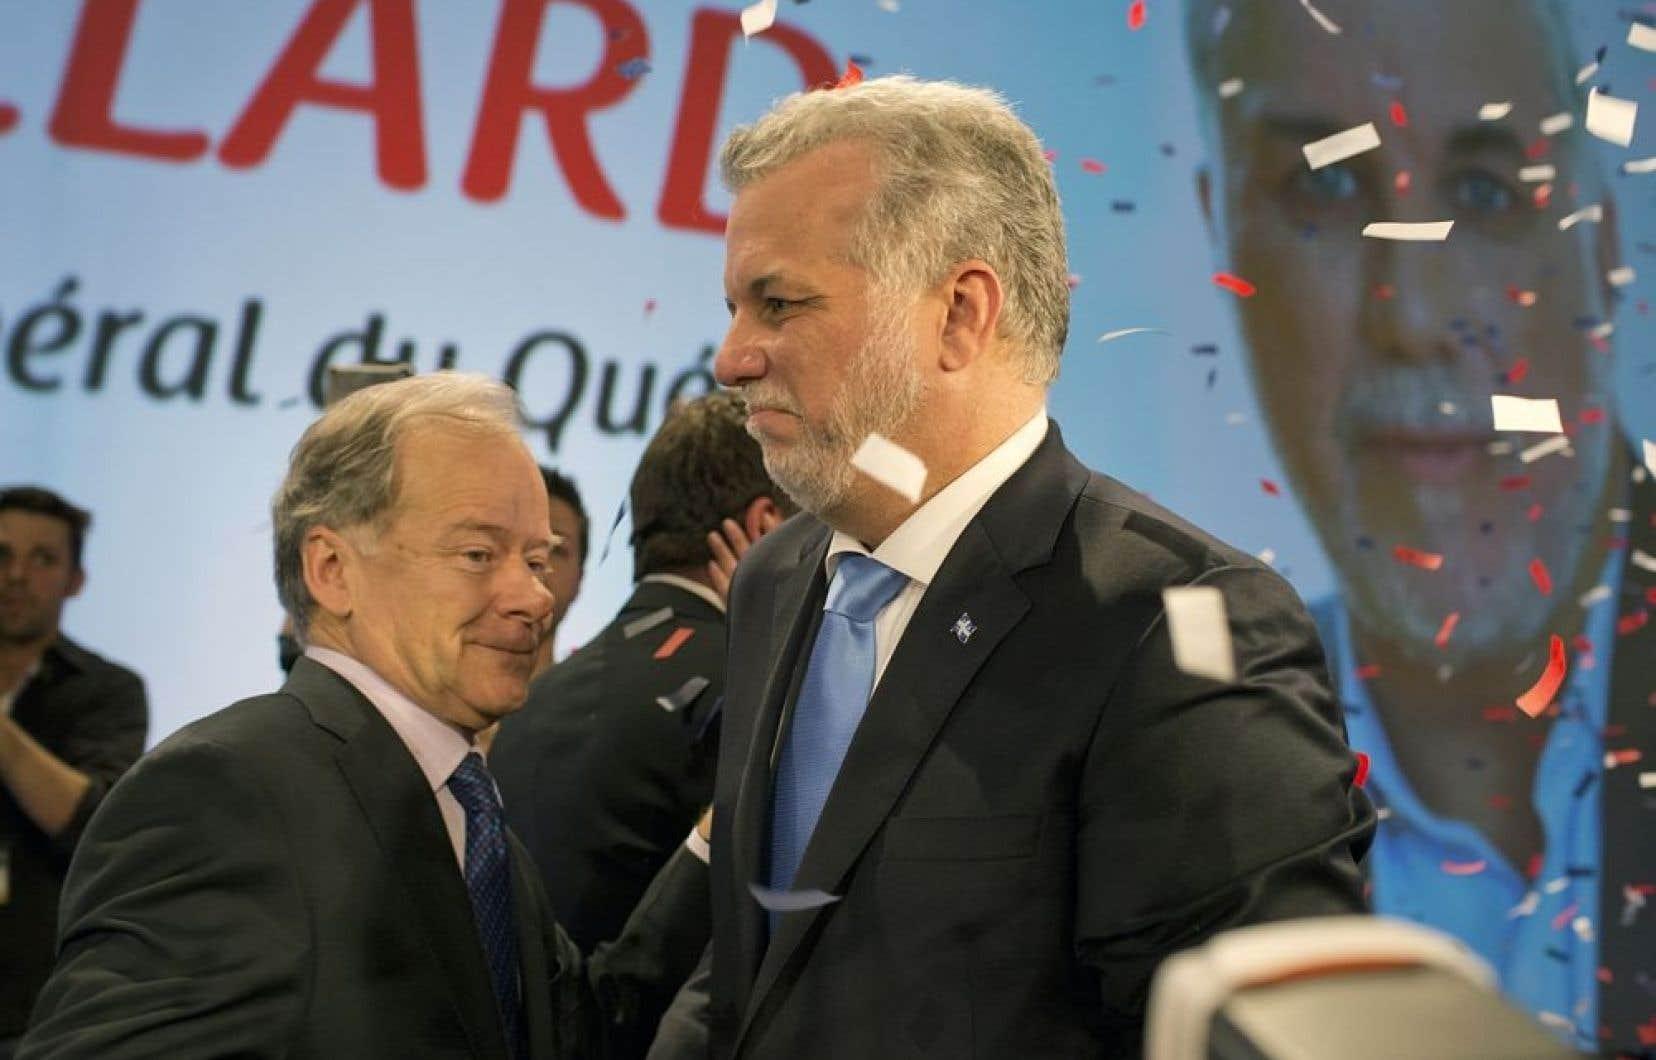 Dans la course à la direction du Parti libéral, qui a couronné Philippe Couillard le 17 mars dernier, Raymond Bachand a terminé dernier parmi les trois candidats, avec moins de 20 % des appuis des délégués.